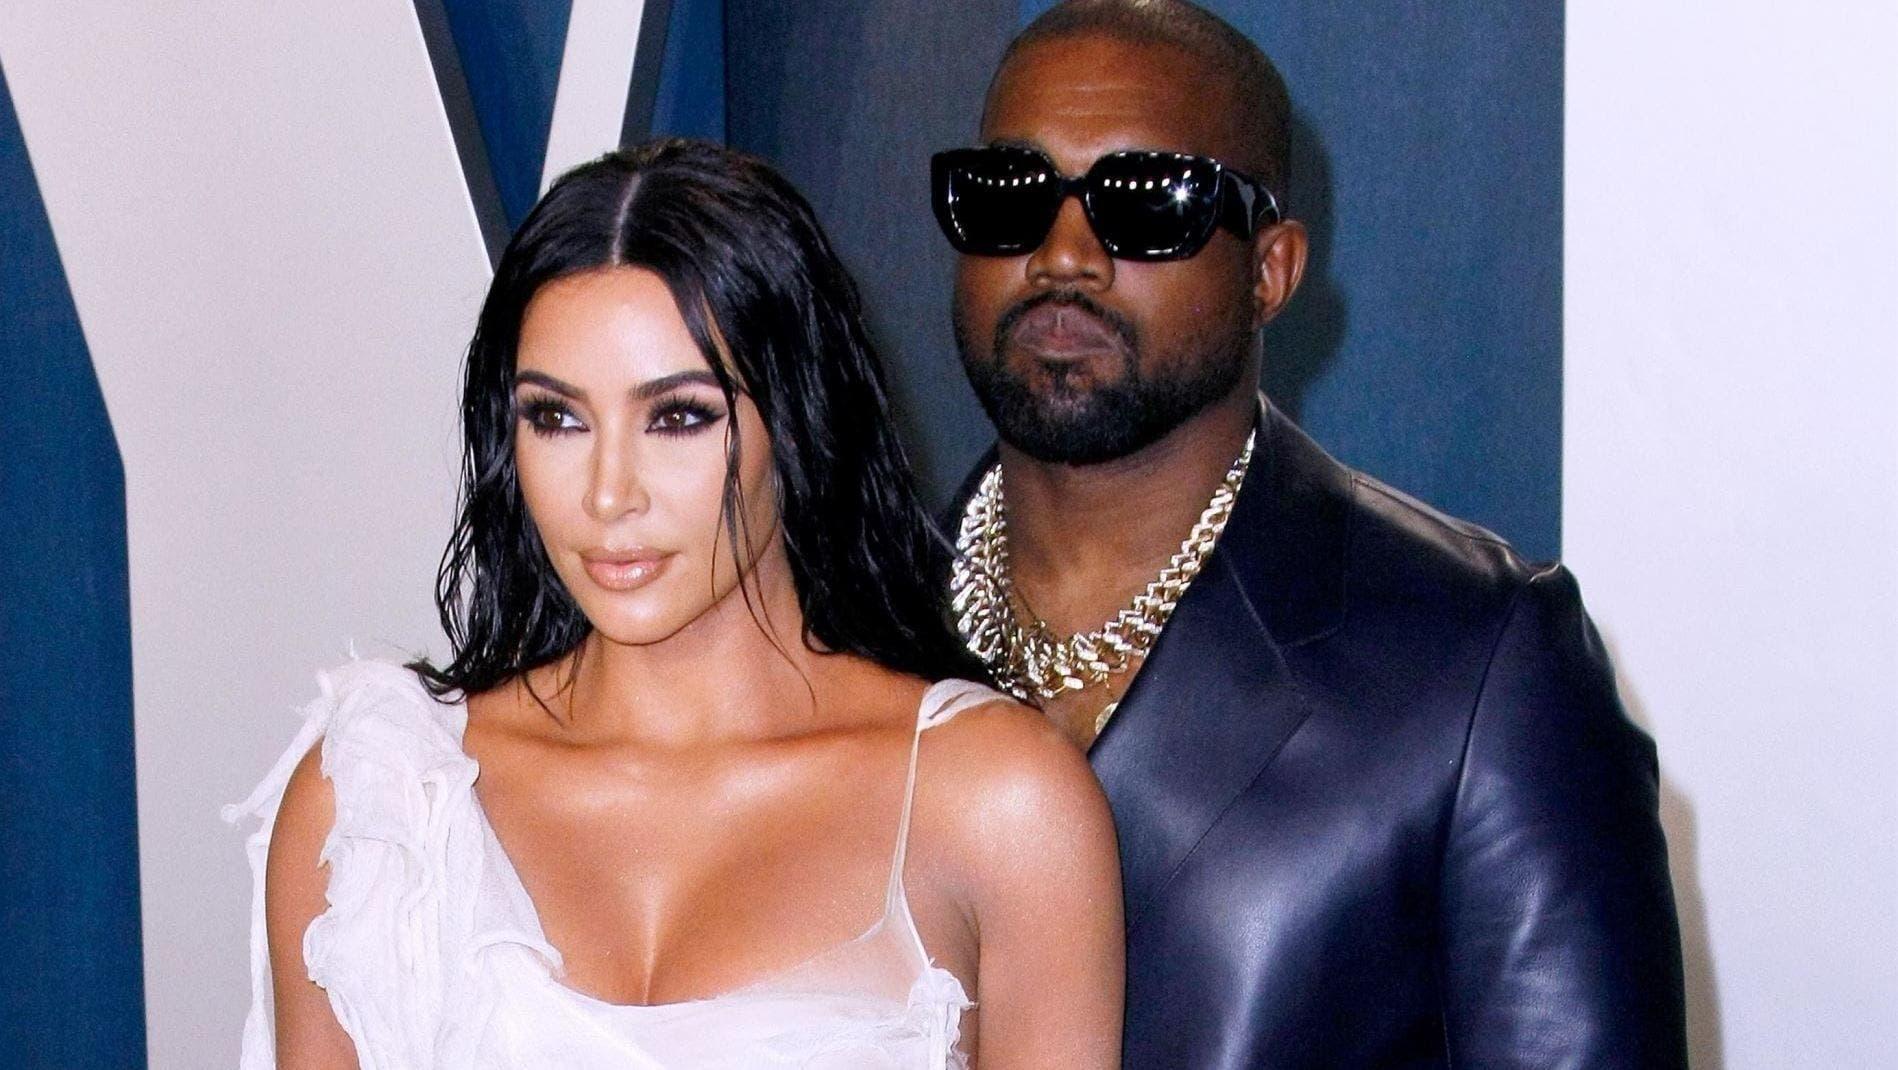 Voici cette clause qui enrichit Kim Kardashian à la naissance de ses enfants